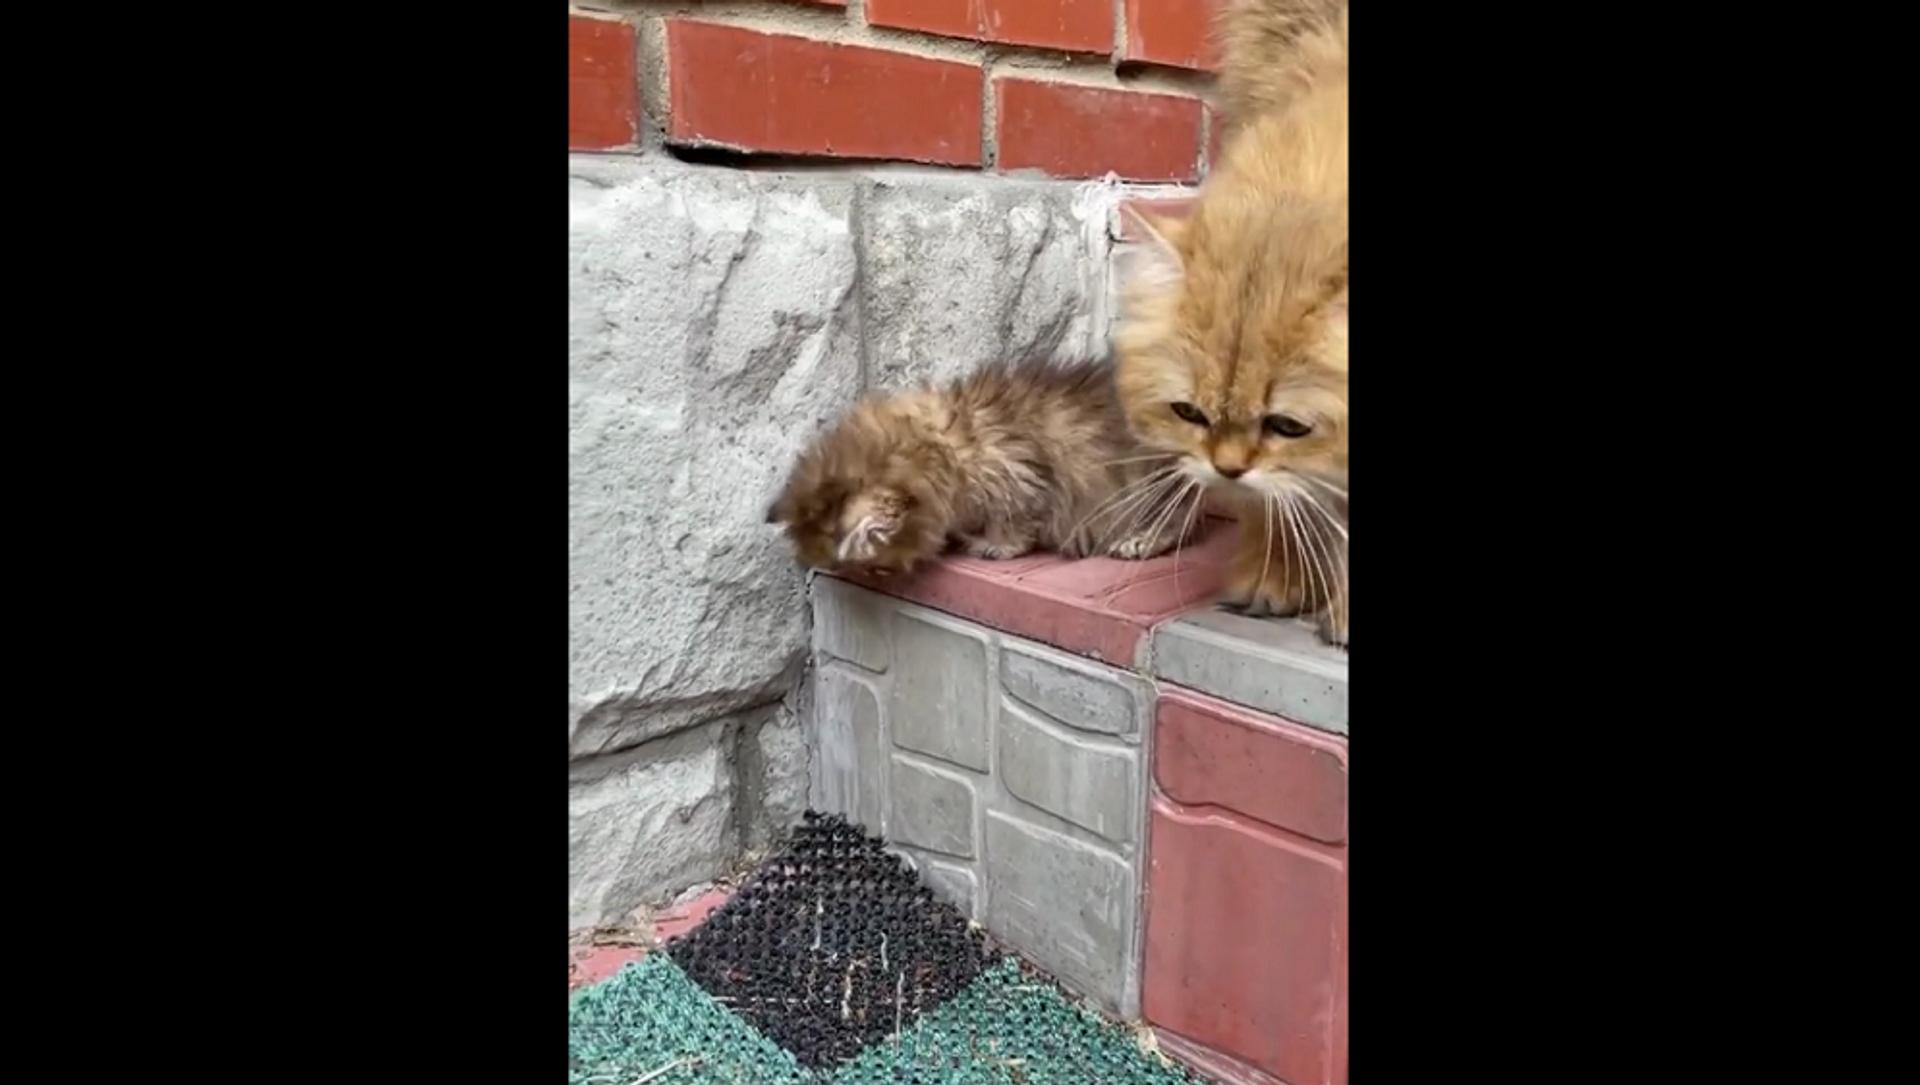 Мама-кошка учит крохотного котенка спускаться с лестницы – милое видео - Sputnik Грузия, 1920, 16.06.2021